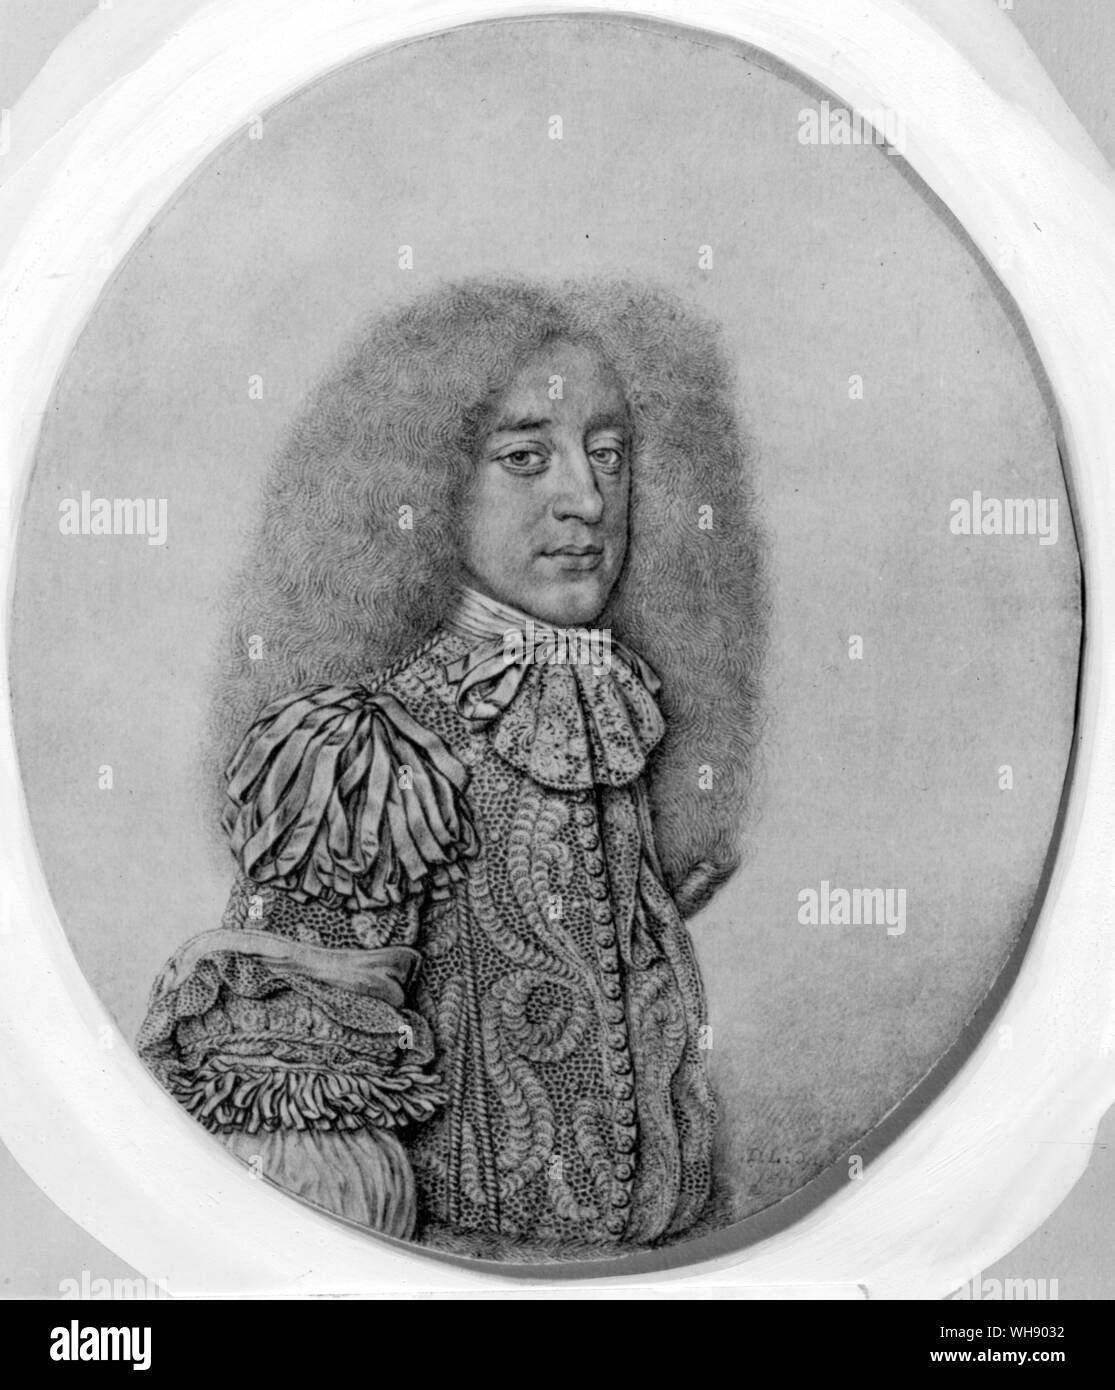 Rochester seguido Buckingham 'el señor de inútil miles' a lo largo de su triste camino Foto de stock